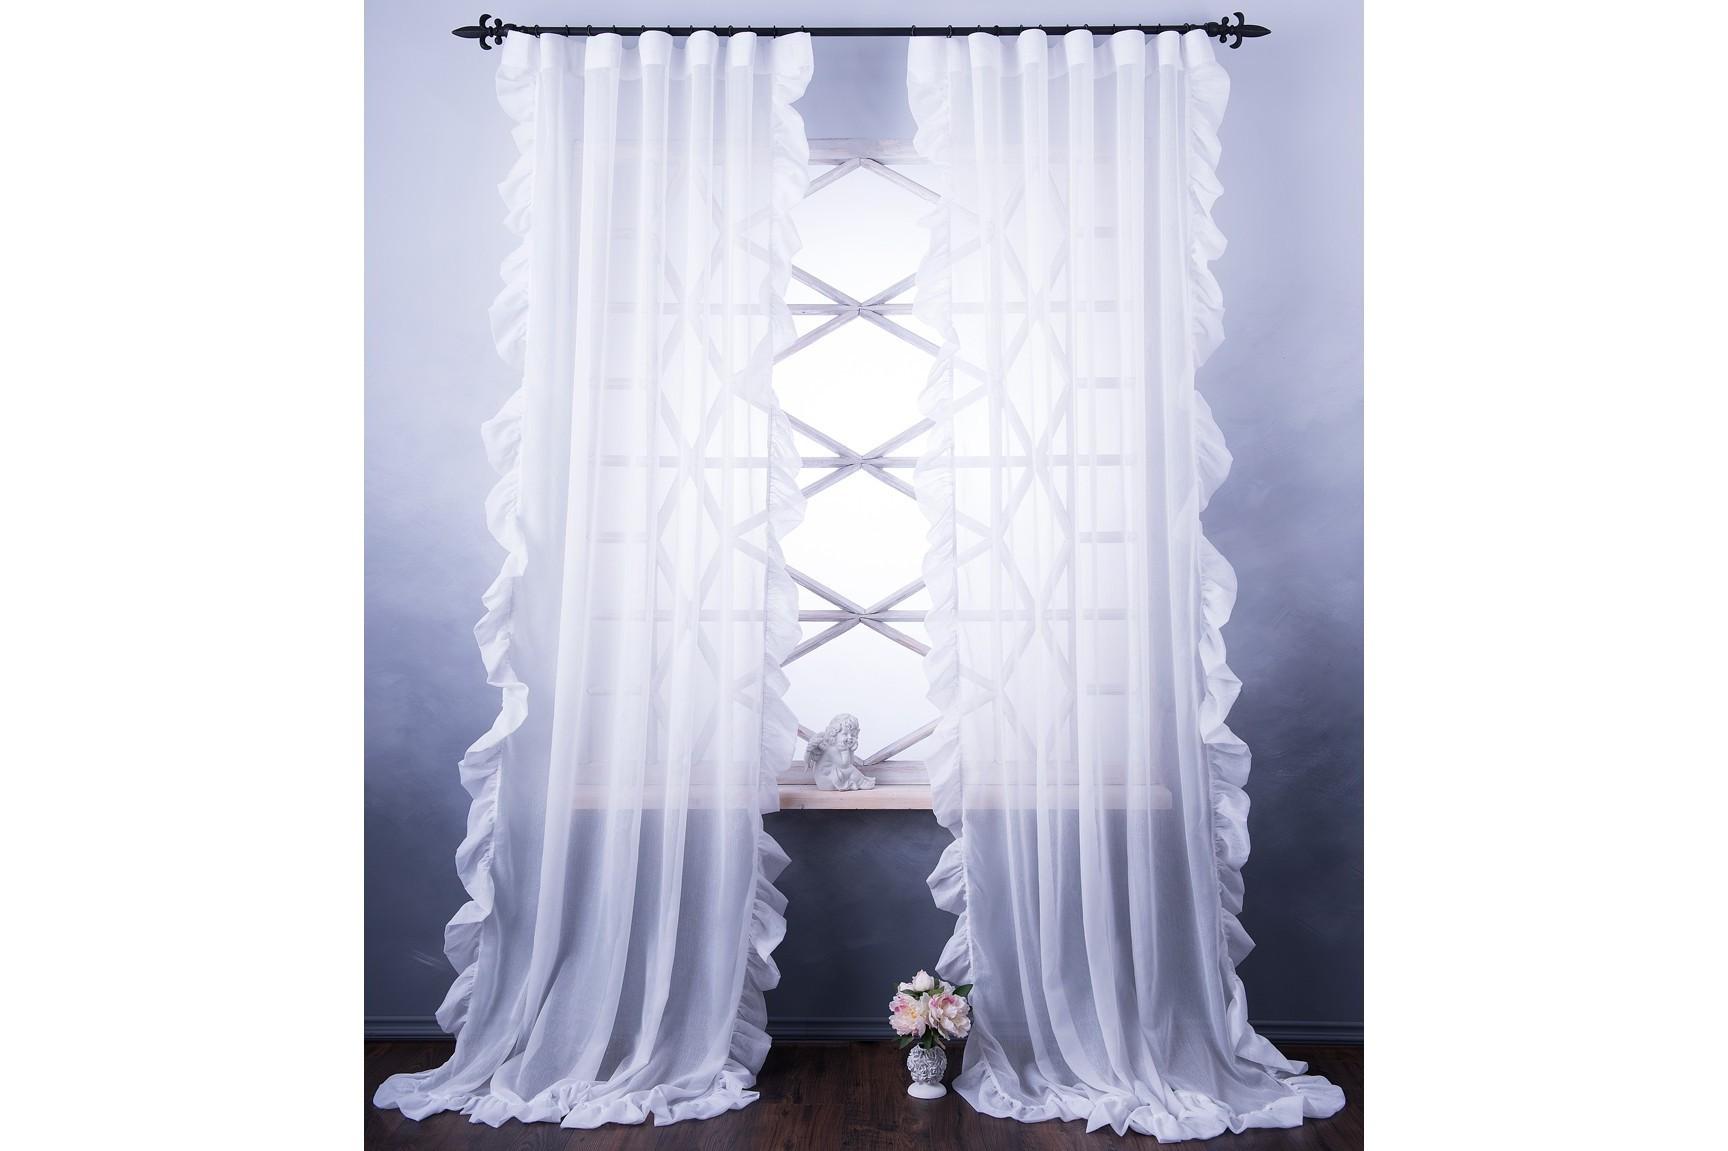 Комплект штор БэтсиШторы<br>Легкие портьеры (2 шт.) из декоративной ткани с рюшей на универсальной шторной ленте.&amp;amp;nbsp;&amp;lt;div&amp;gt;&amp;lt;br&amp;gt;&amp;lt;/div&amp;gt;&amp;lt;div&amp;gt;Состав ткани - 100% полиэстер.&amp;amp;nbsp;&amp;lt;/div&amp;gt;&amp;lt;div&amp;gt;Защита от солнца 3 из 10.&amp;amp;nbsp;&amp;lt;/div&amp;gt;&amp;lt;div&amp;gt;Размер 140х270 - 2 шт.&amp;lt;/div&amp;gt;<br><br>Material: Текстиль<br>Width см: 140<br>Height см: 270